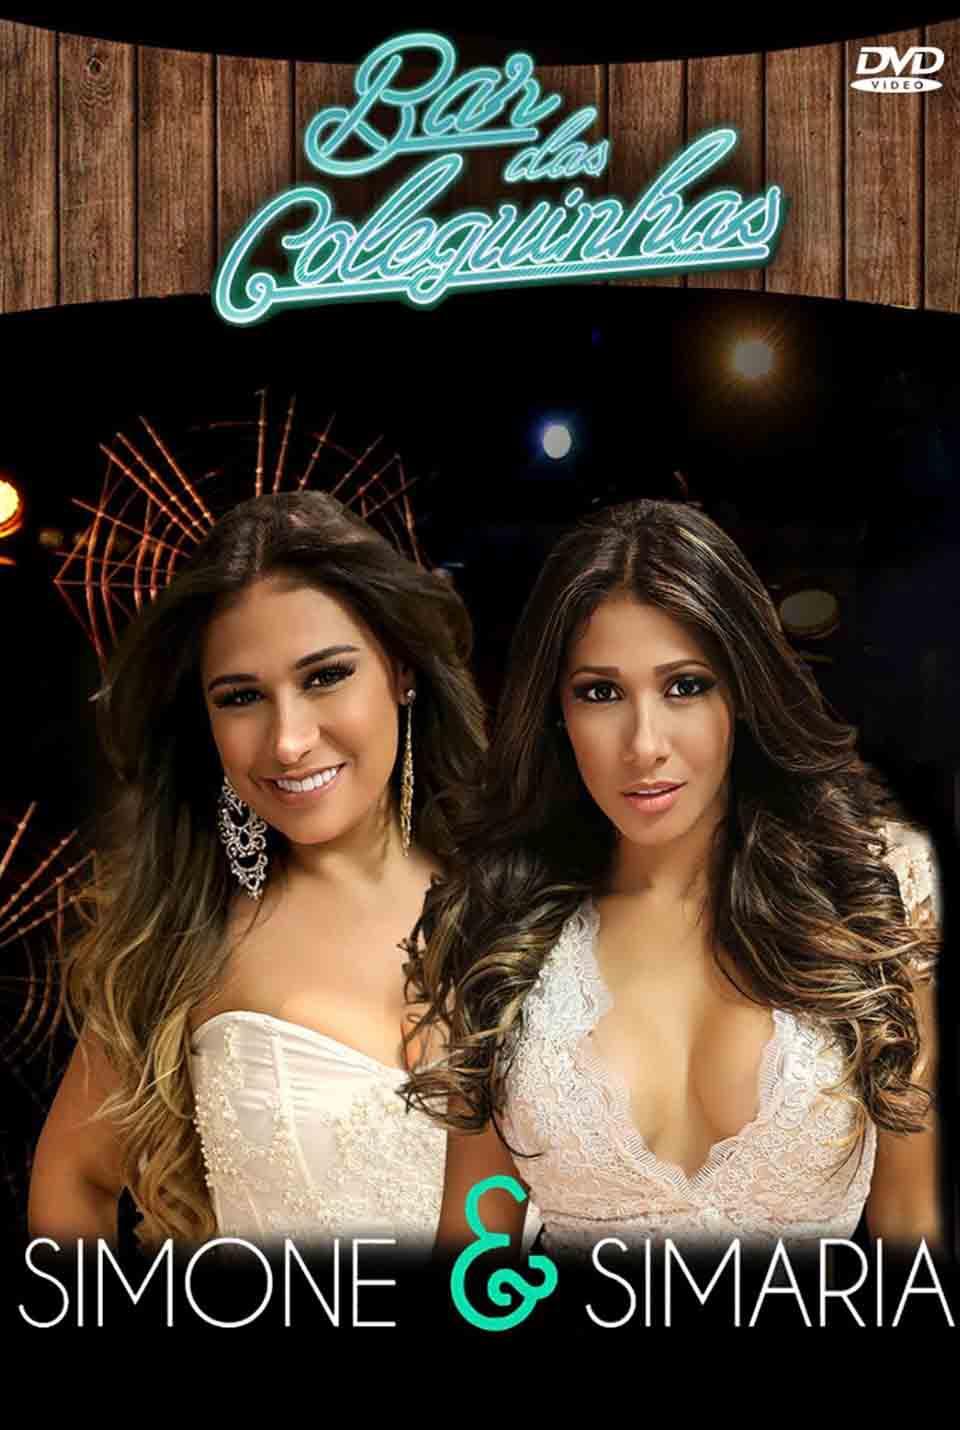 Simone e Simaria: Bar das Coleguinhas Show Torrent - WEB-DL 1080p Nacional (2016)